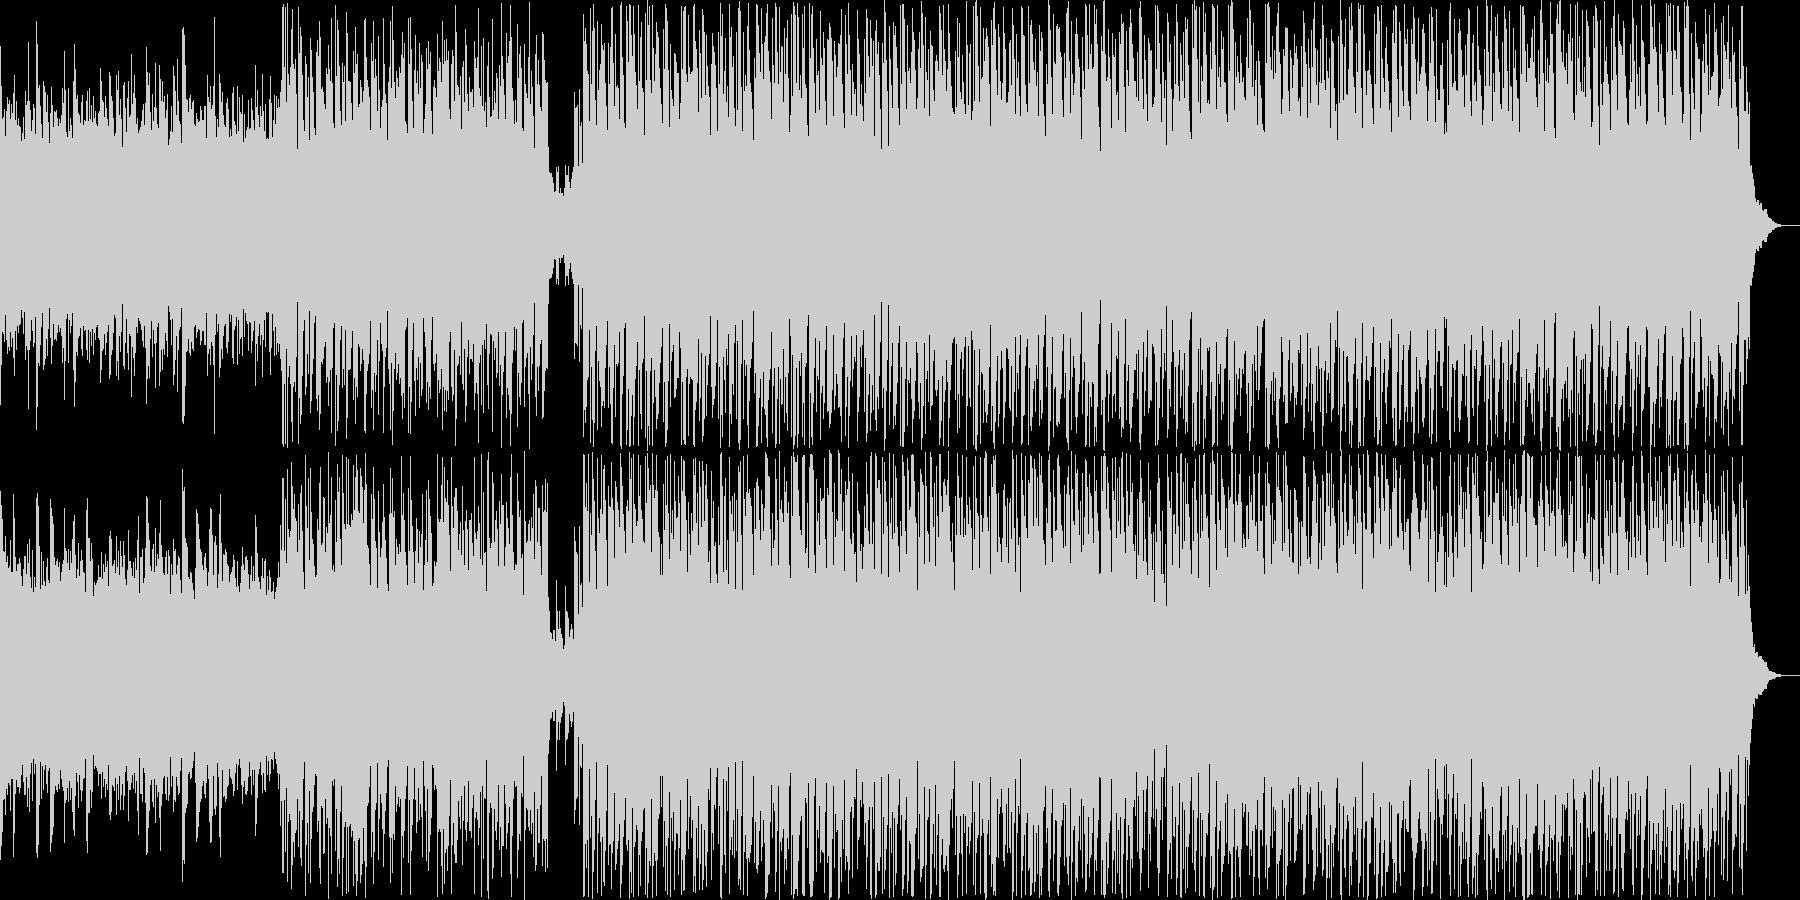 優しさ溢れるエレクトロポップの未再生の波形